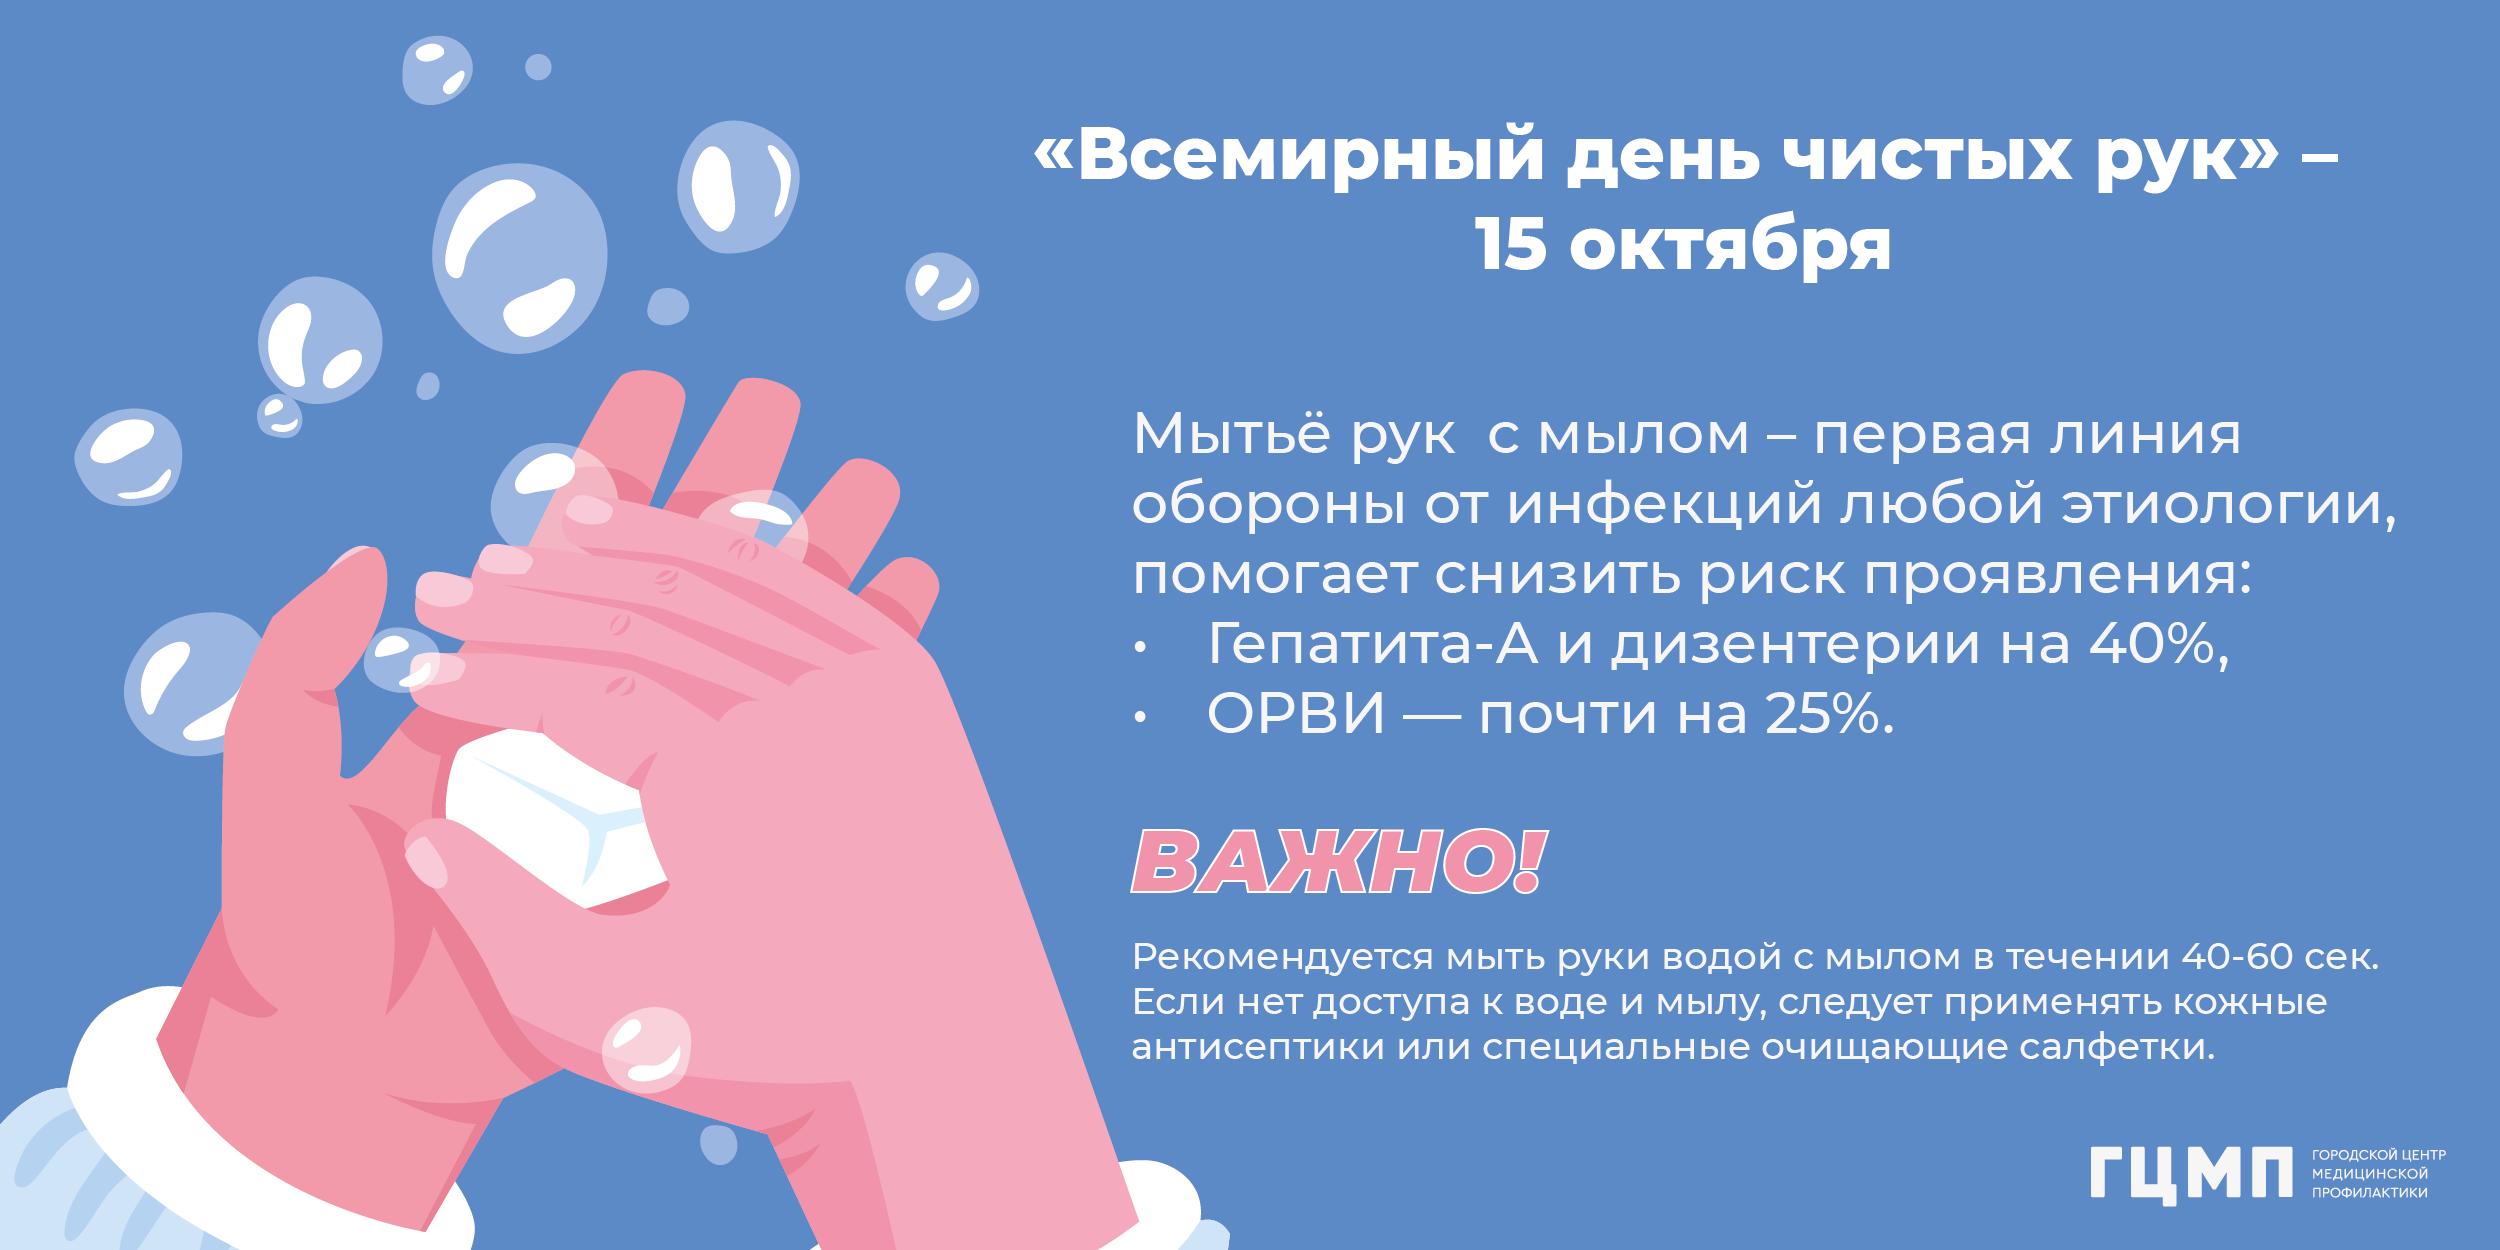 «Всемирный день чистых рук» — 15 октября